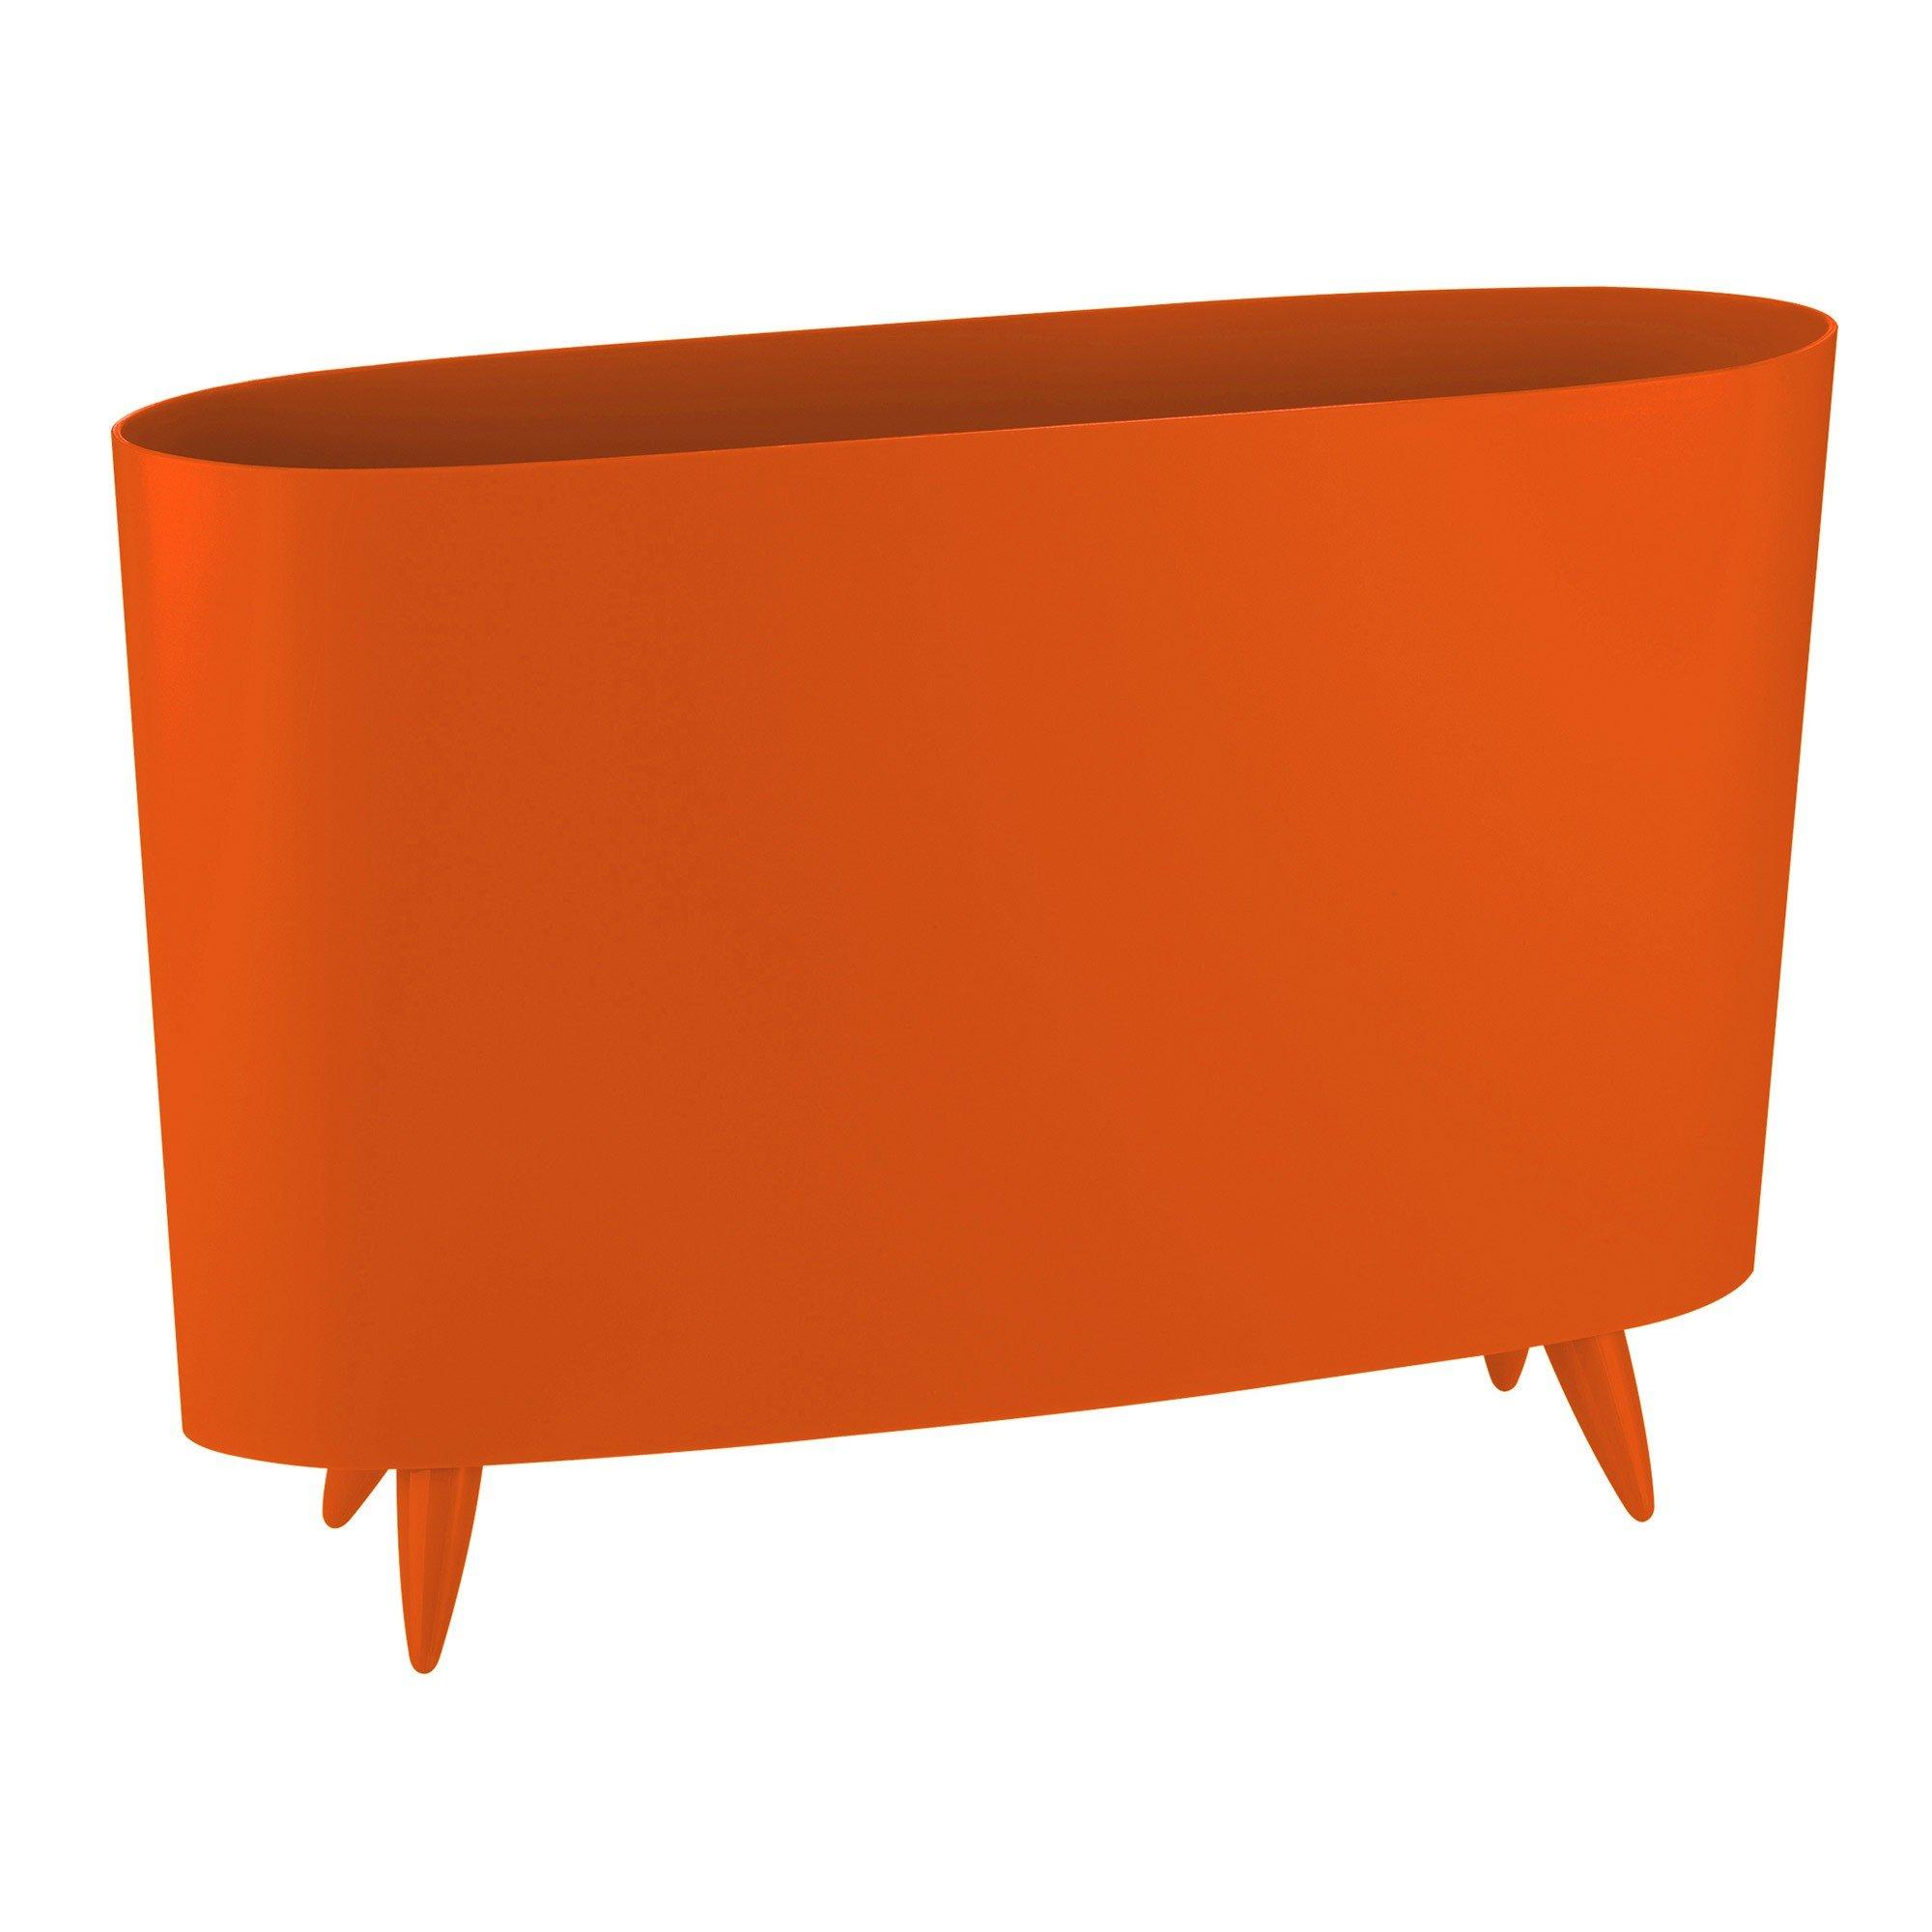 Stojak na gazety Milano pomarańczowoczerwony